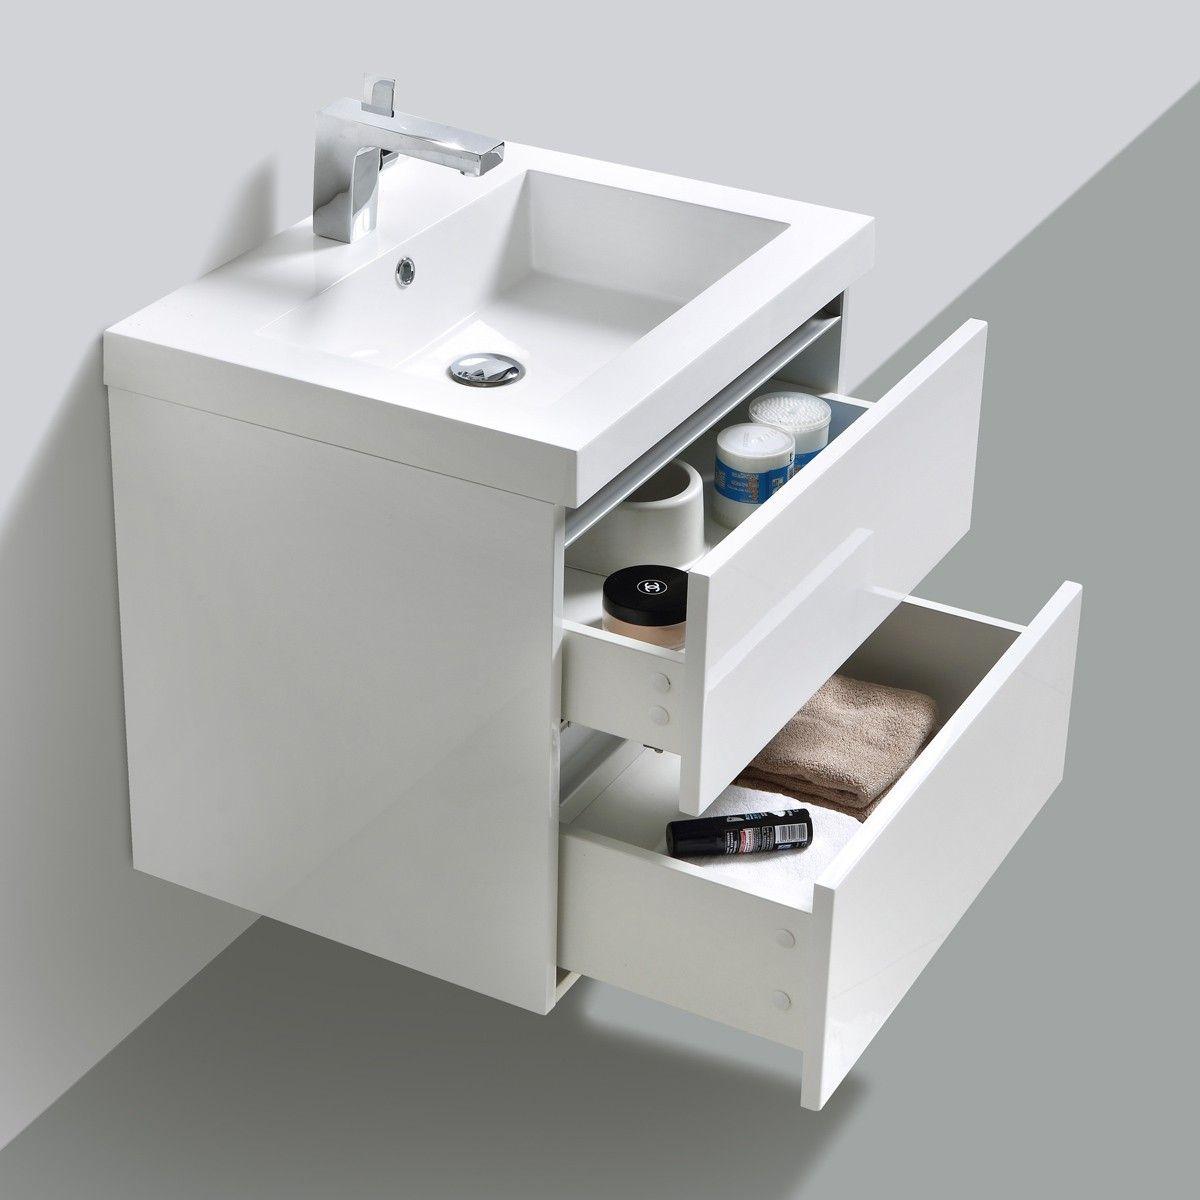 Nett Waschbecken Mit Unterschrank 60 Cm Home Pinterest